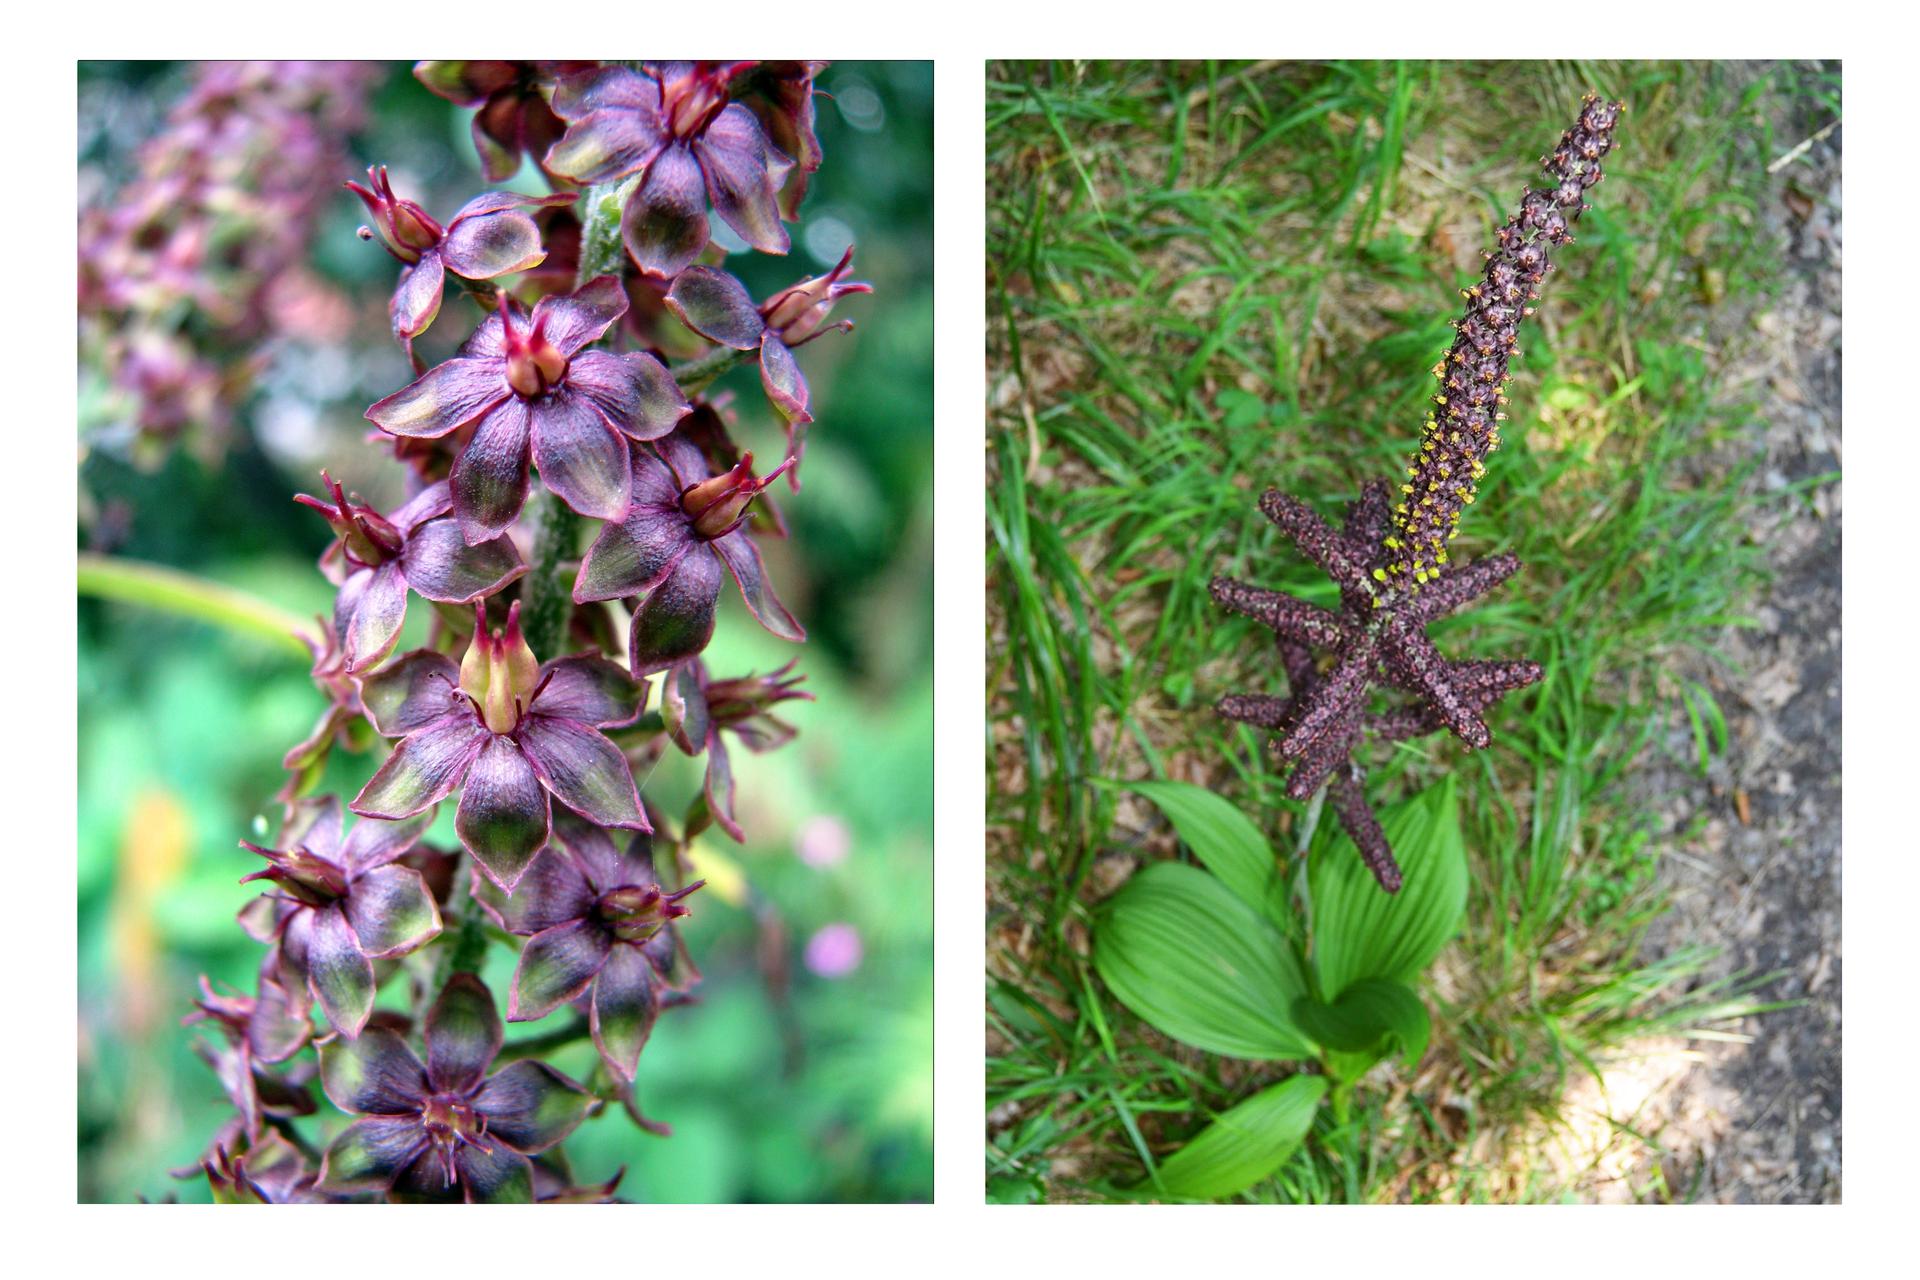 Fotografia przedstawia kwiatostan ipokrój ciemiężycy czarnej. Zlewej zbliżenie ciemnofioletowych kwiatów ztrzema jasnymi słupkami wśrodku. Zprawej widok na roślinę: przy ziemi wyrastają szerokie, jasnozielone liście. Pomiędzy nimi wyrasta gruba owłosiona łodyga opoziomych odgałęzieniach, obsypana ciemnymi kwiatkami. Część znich rozwinięta, zżółtym wnętrzem.